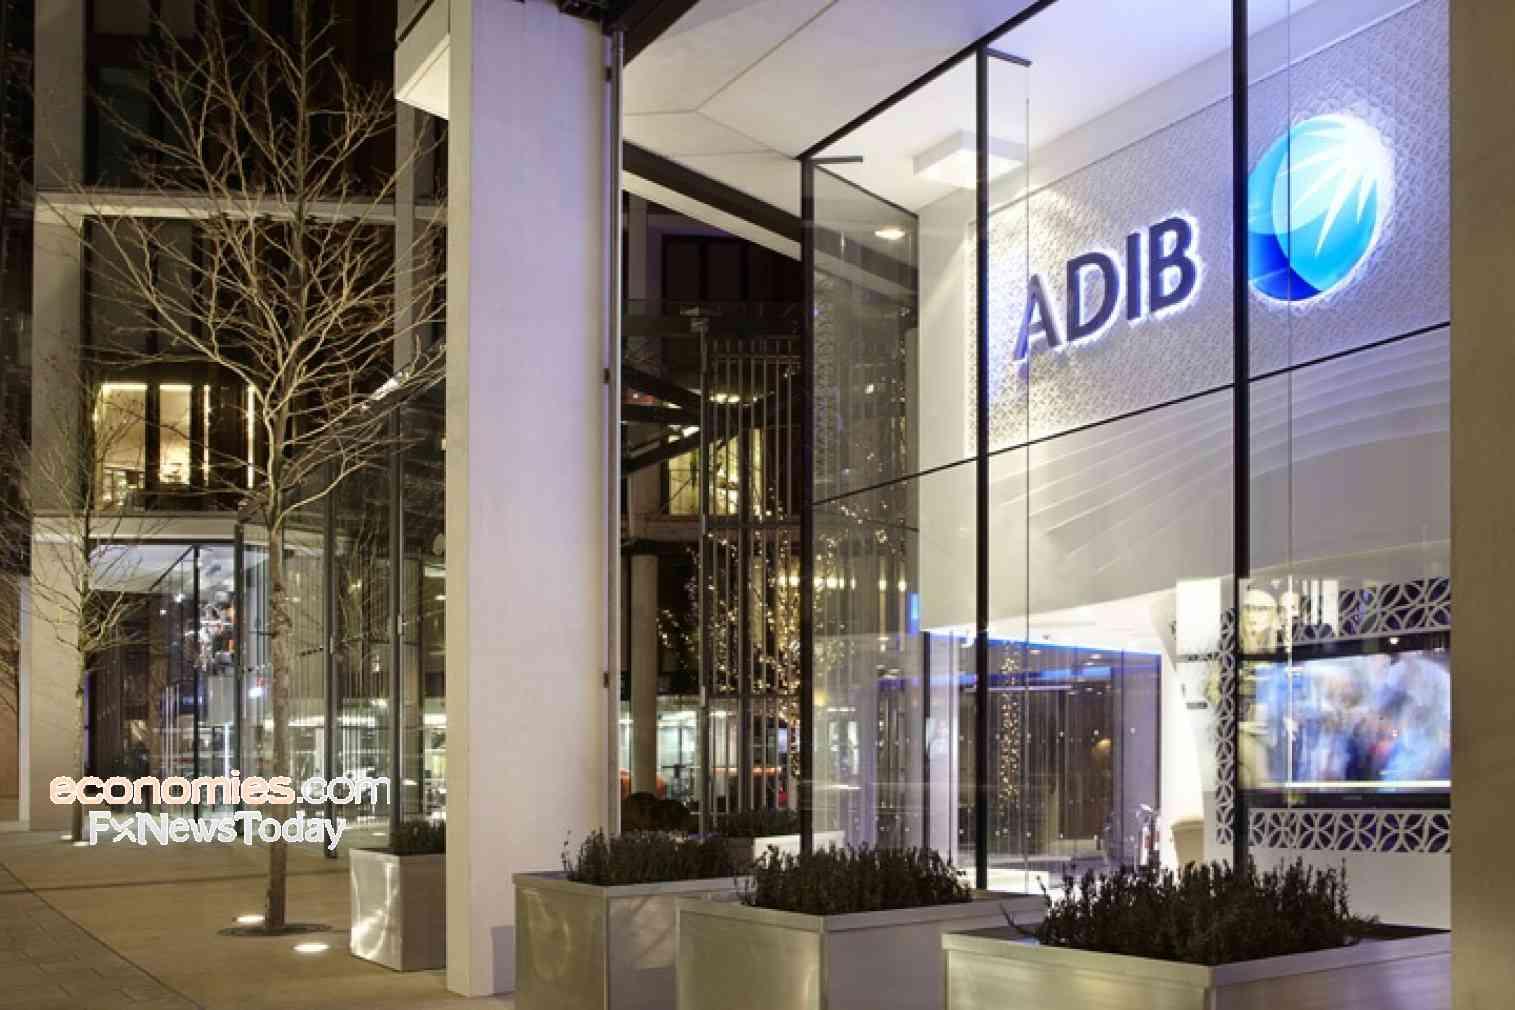 مصرف أبوظبي الإسلامي يموِّل صفقة استحواذ على مبنى مكتبي في إدنبرة بقيمة 120 مليون درهم